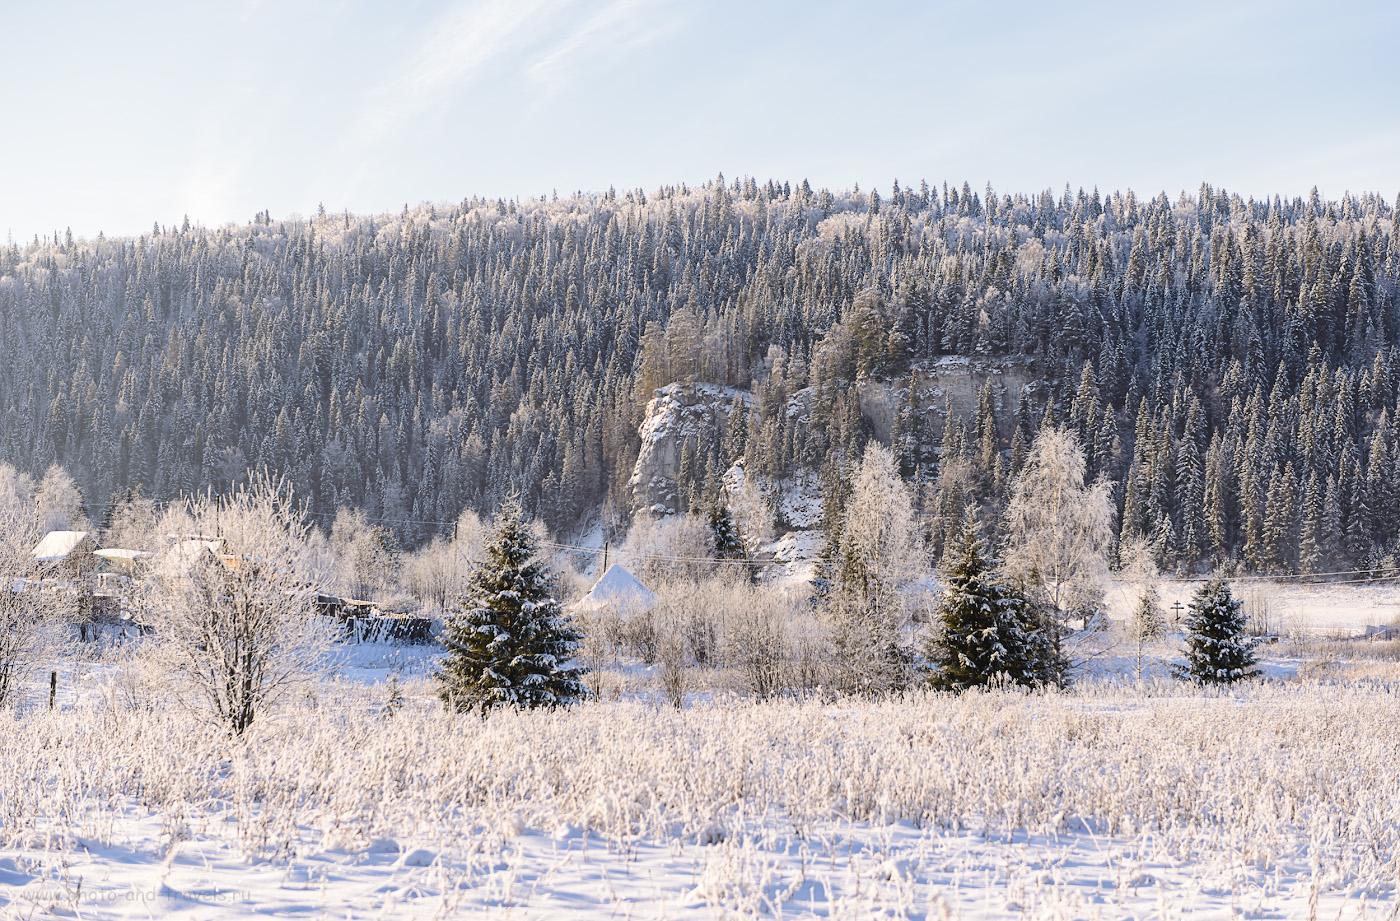 Фото 6. Камень Филин в окрестностях турбазы «Усть-Койва» по пути к стоянке, откуда начинается поход к Мельничному ручью. 1/640, +0.33, 3.5, 100, 70.